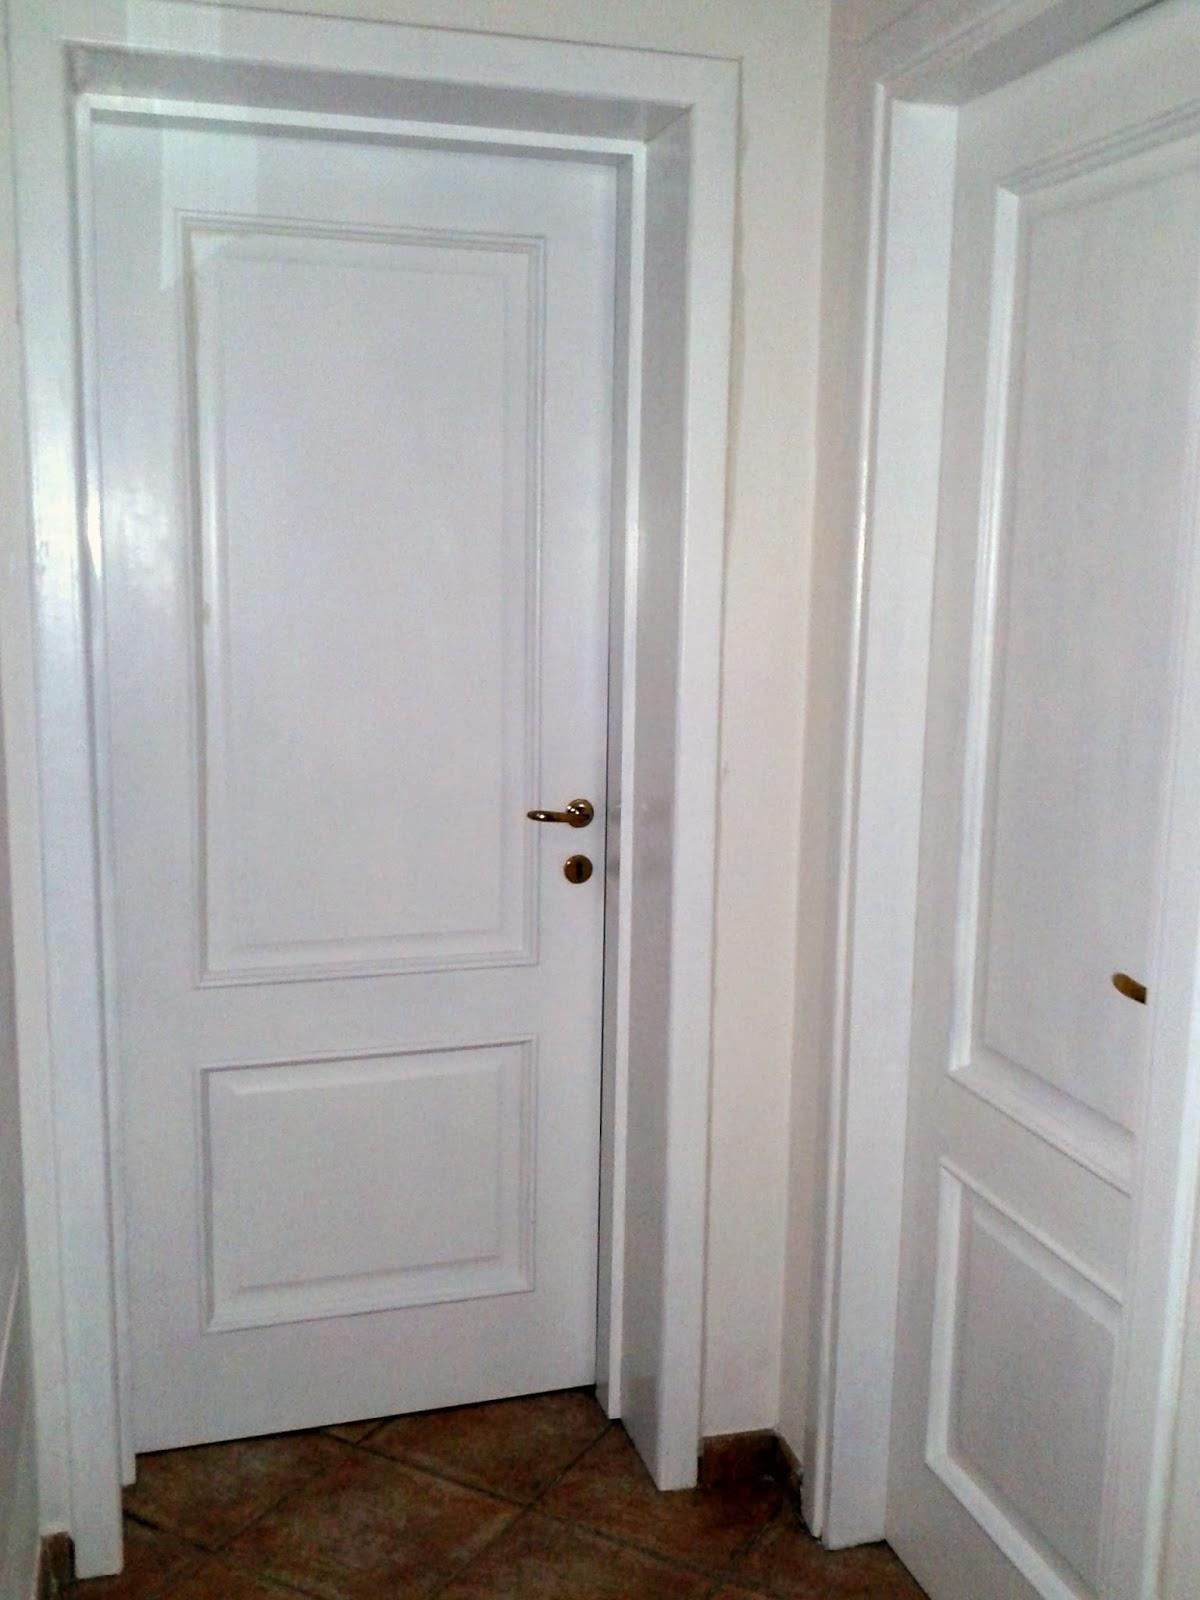 In pigiama come rinnovare le porte di casa - Verniciare una porta in legno ...